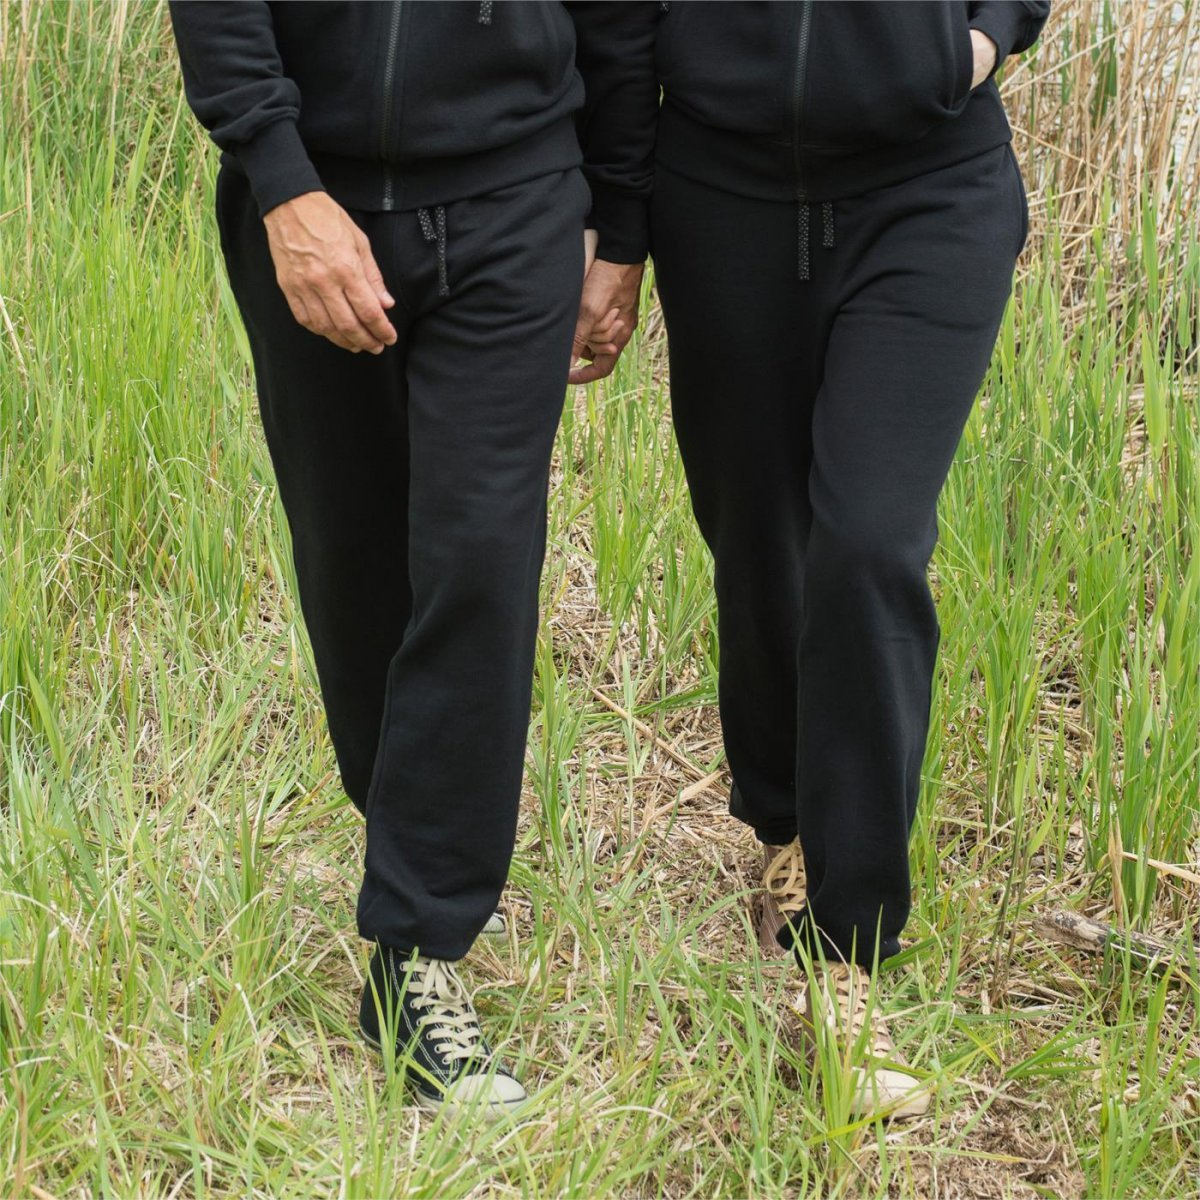 Pantaloni tuta unisex nero in felpa di cotone biologico